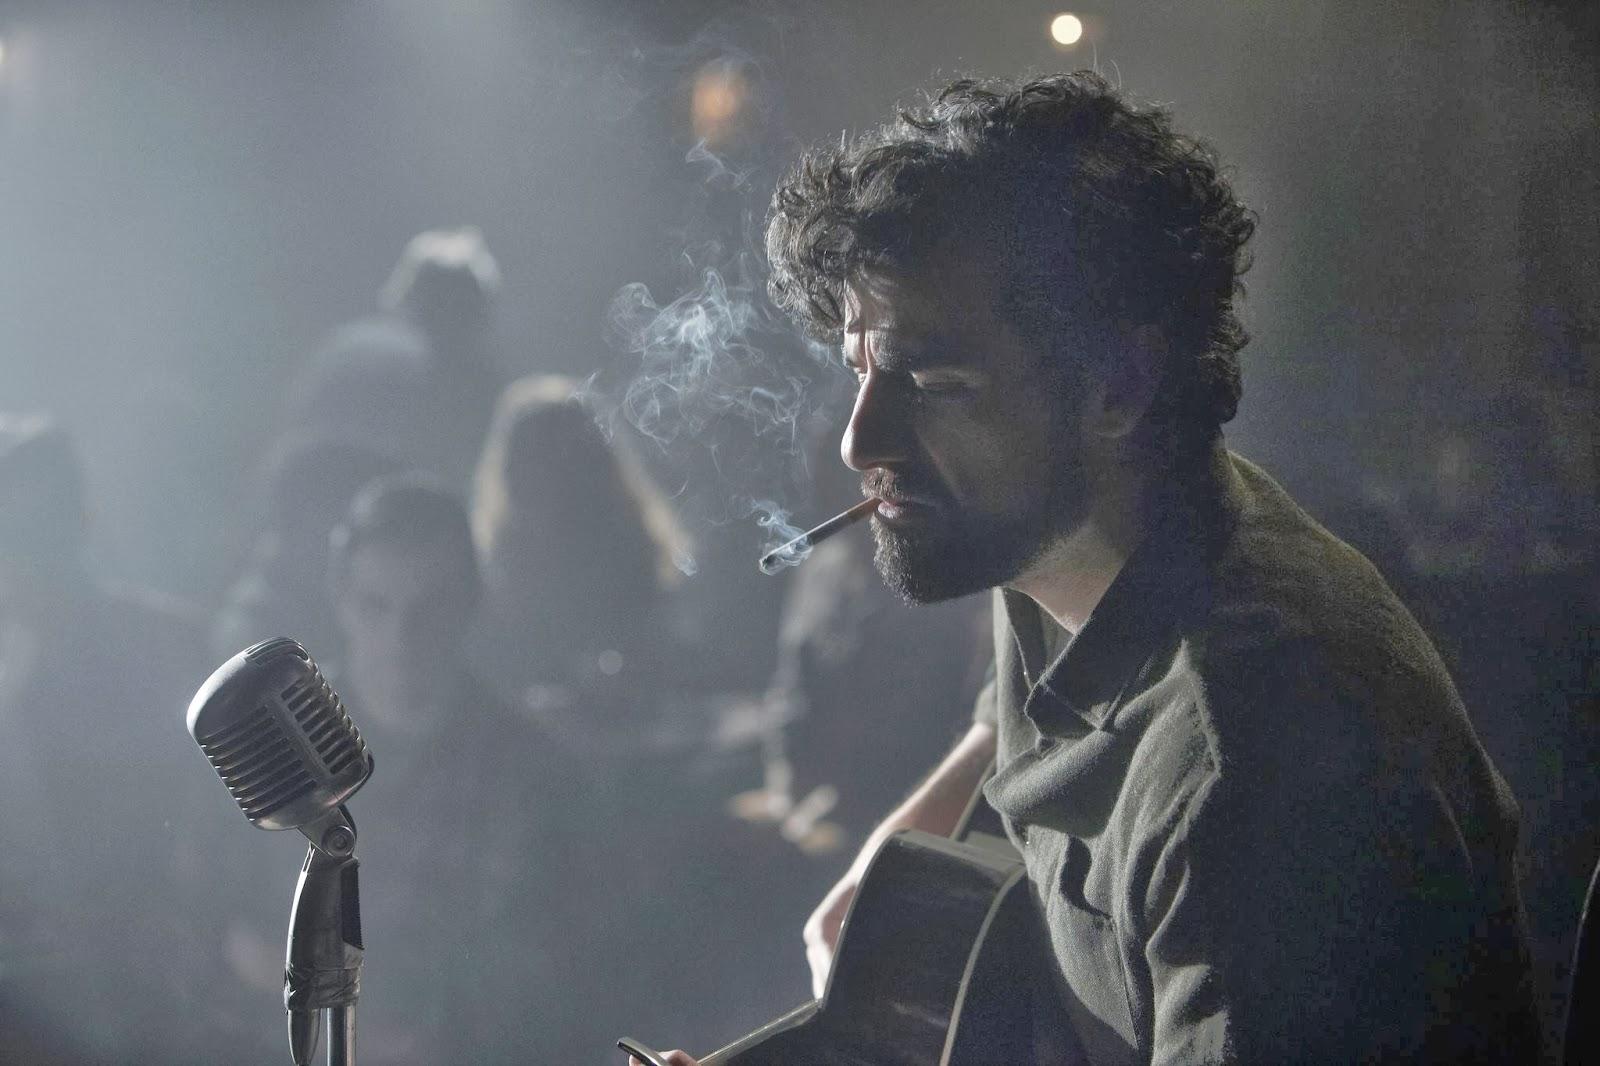 Filmes Sobre Musicos regarding 12 filmes sobre músicos que você precisa assistir – cineplot